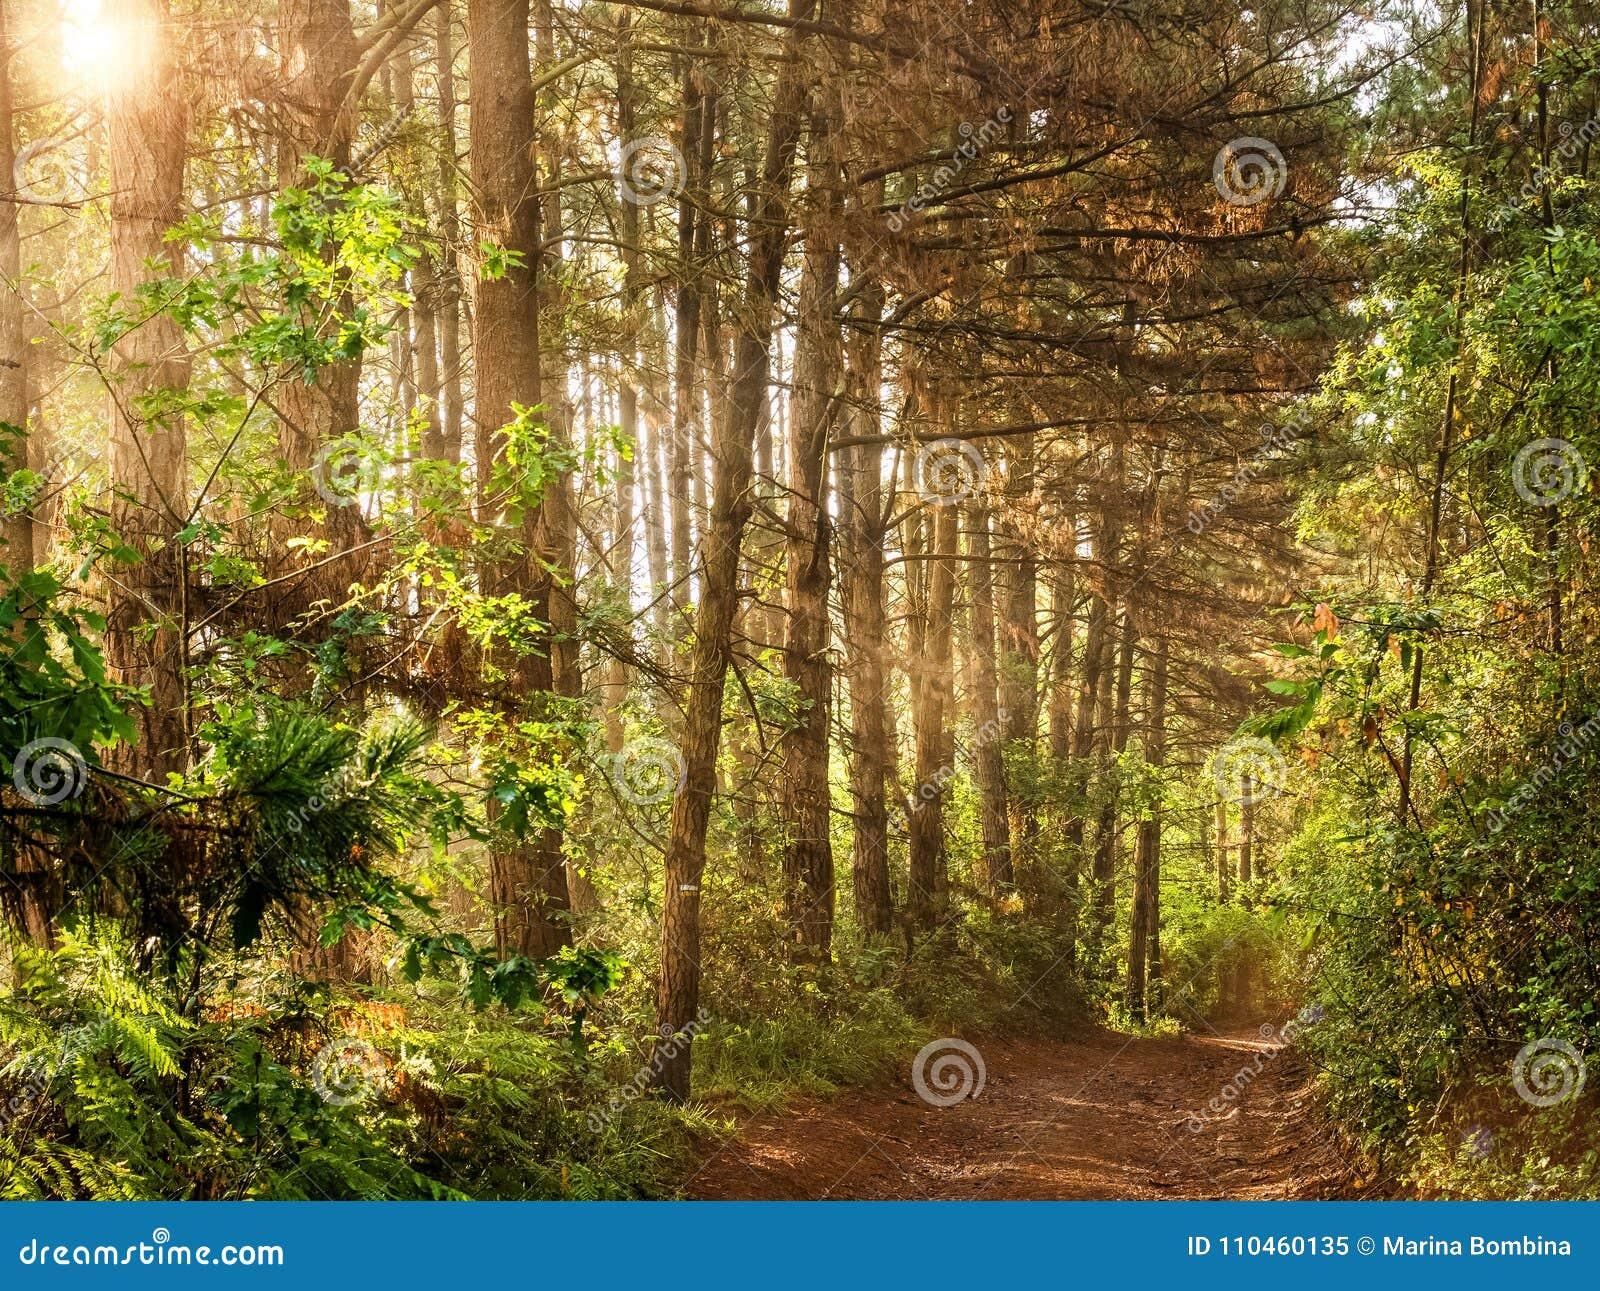 Forest Road Landscape